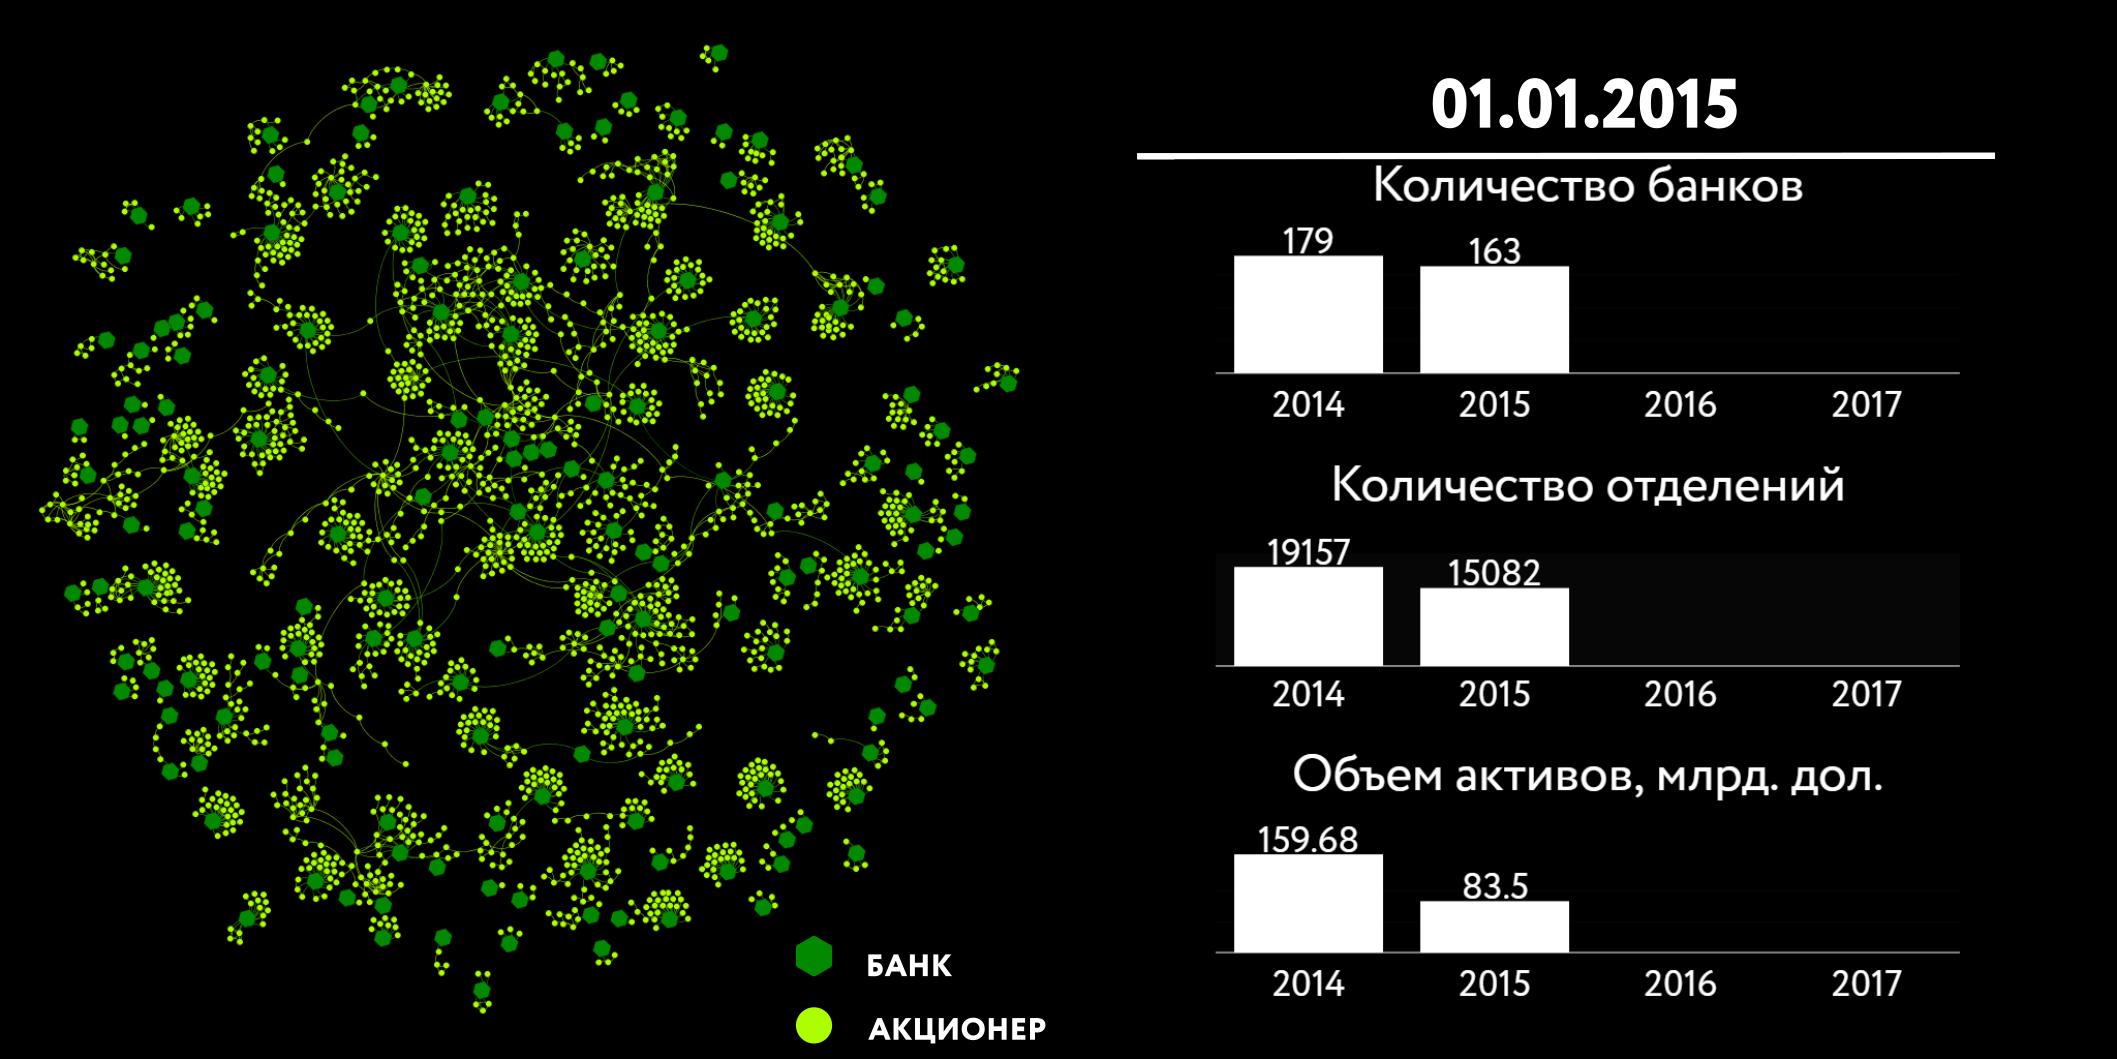 количество банков